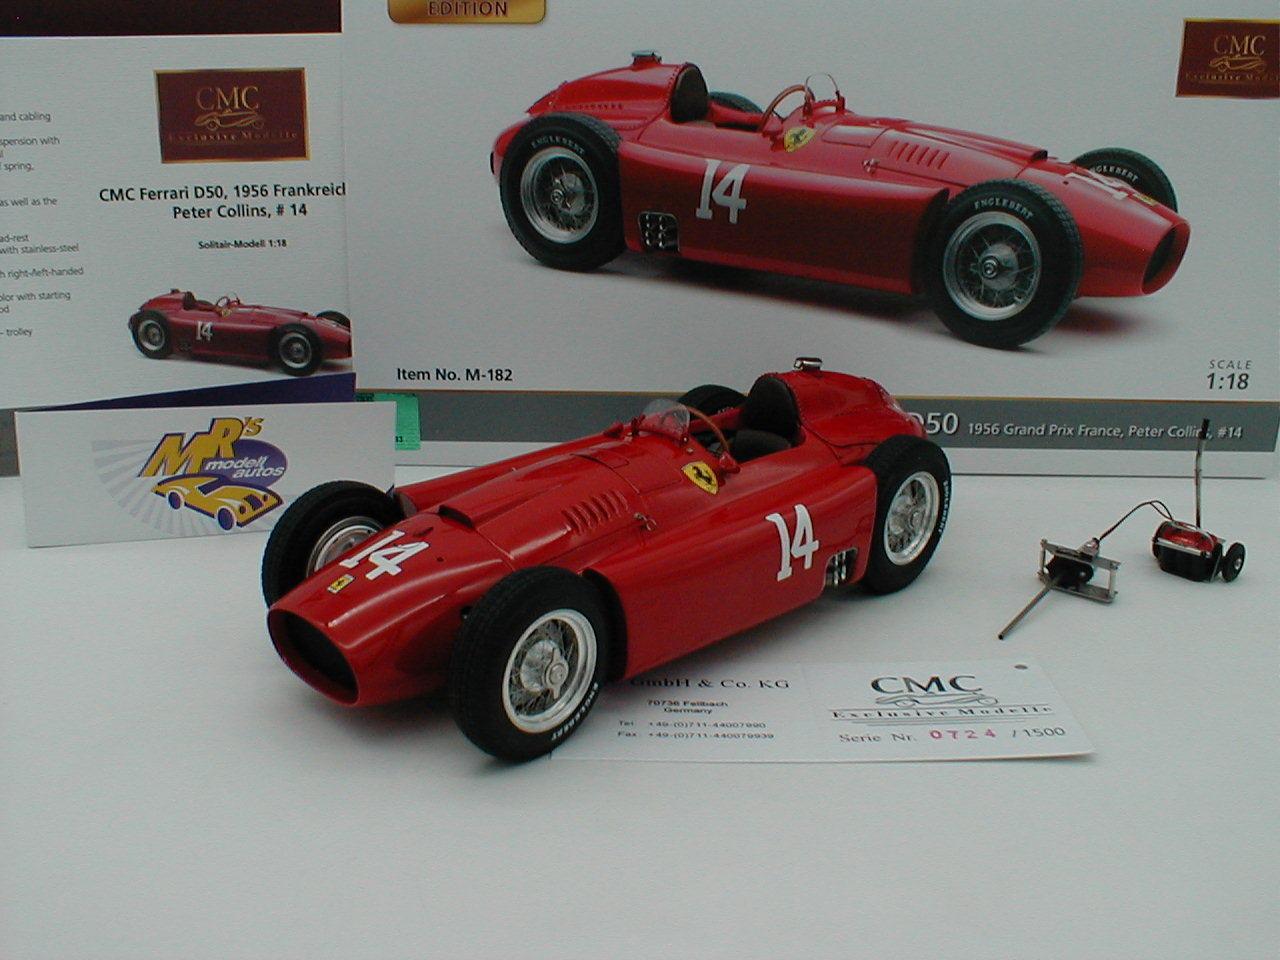 CMC m-182 - Ferrari d50 No. 14 France GP 1956  PETER COLLINS  1 18 NOUVEAUTÉ